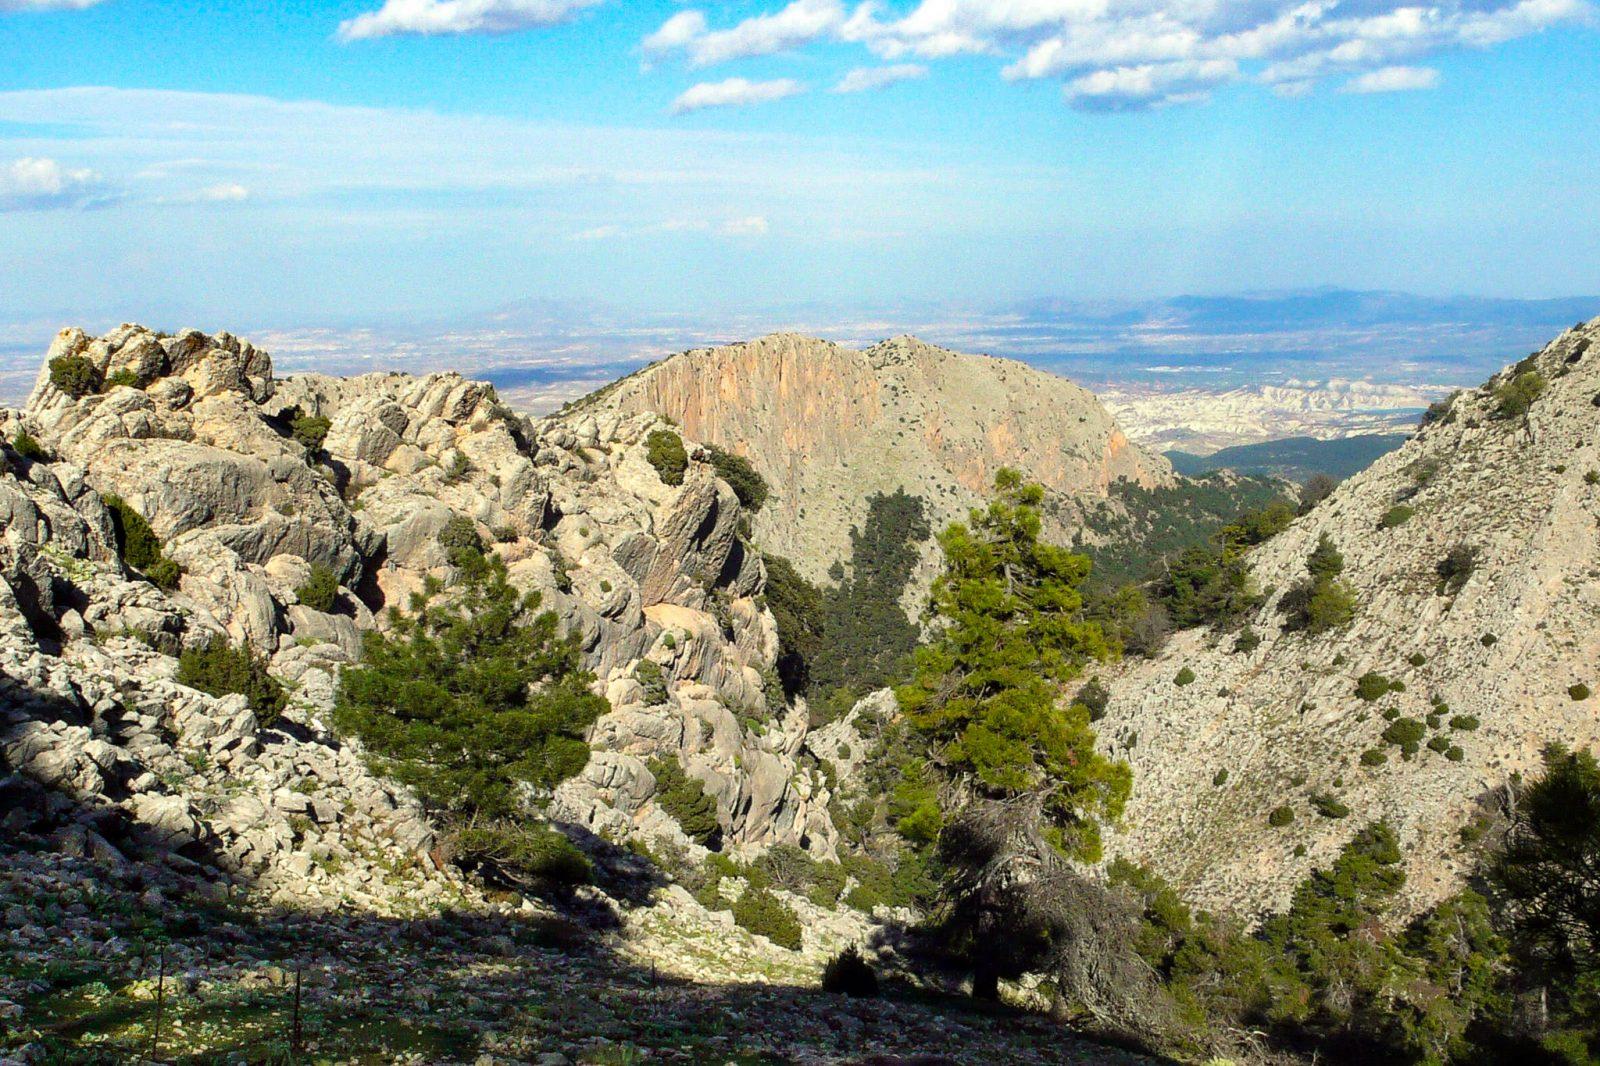 Региональный парк Sierra Espuña